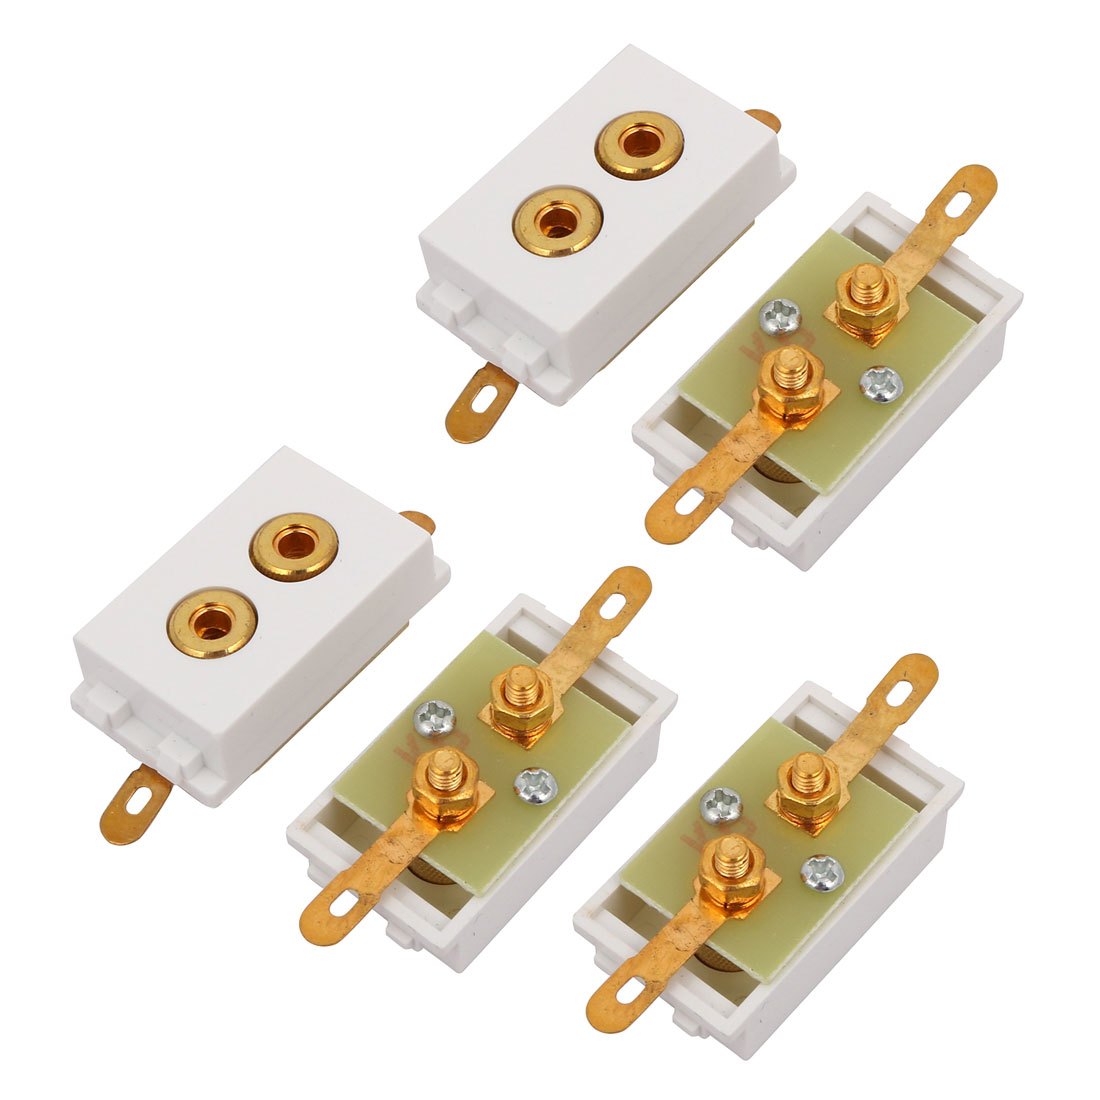 5 Pcs 128-type Binding Post Female Socket Connector for Amplifier Speaker